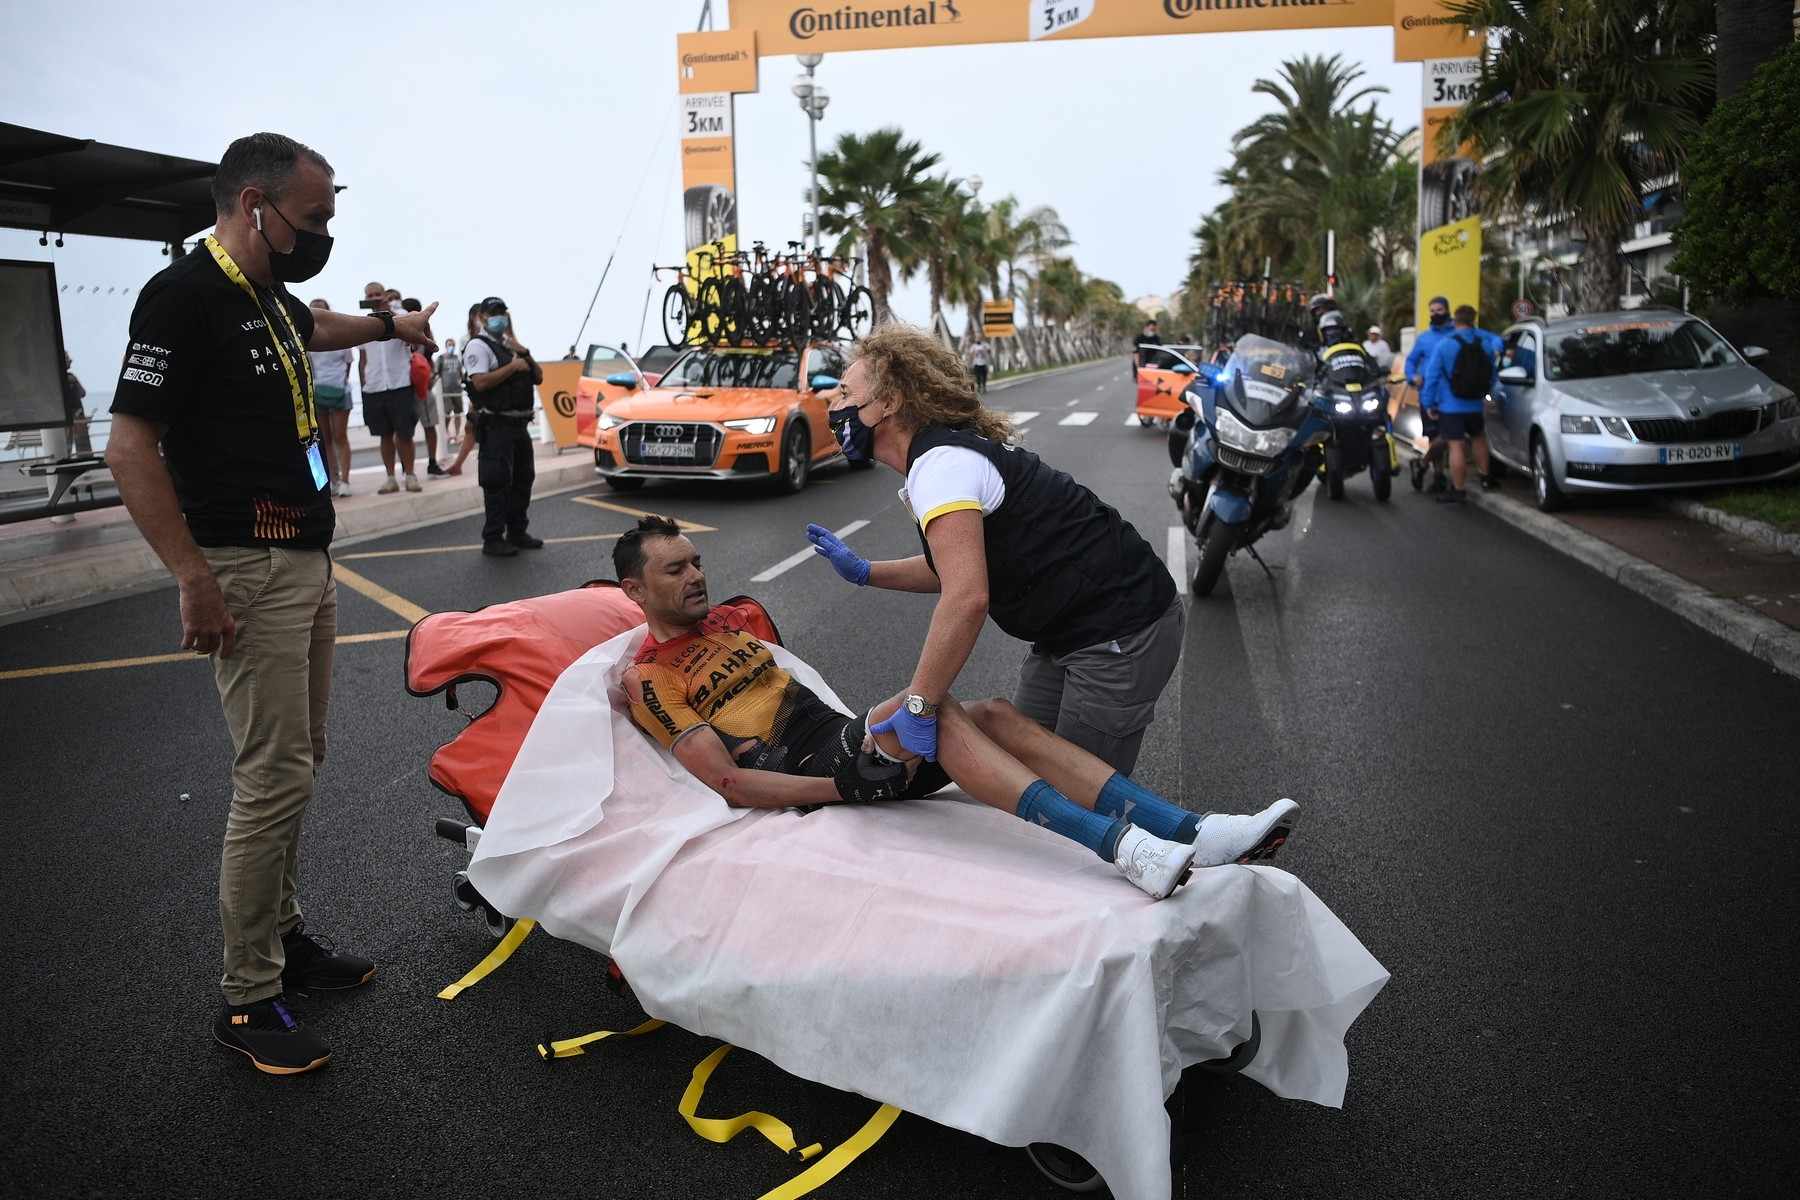 Rafael Valls z týmu Bahrajn Merida na nosítkách po pádu, při němž utrpěl zlomeninu stehenní kosti. Foto: profimedia